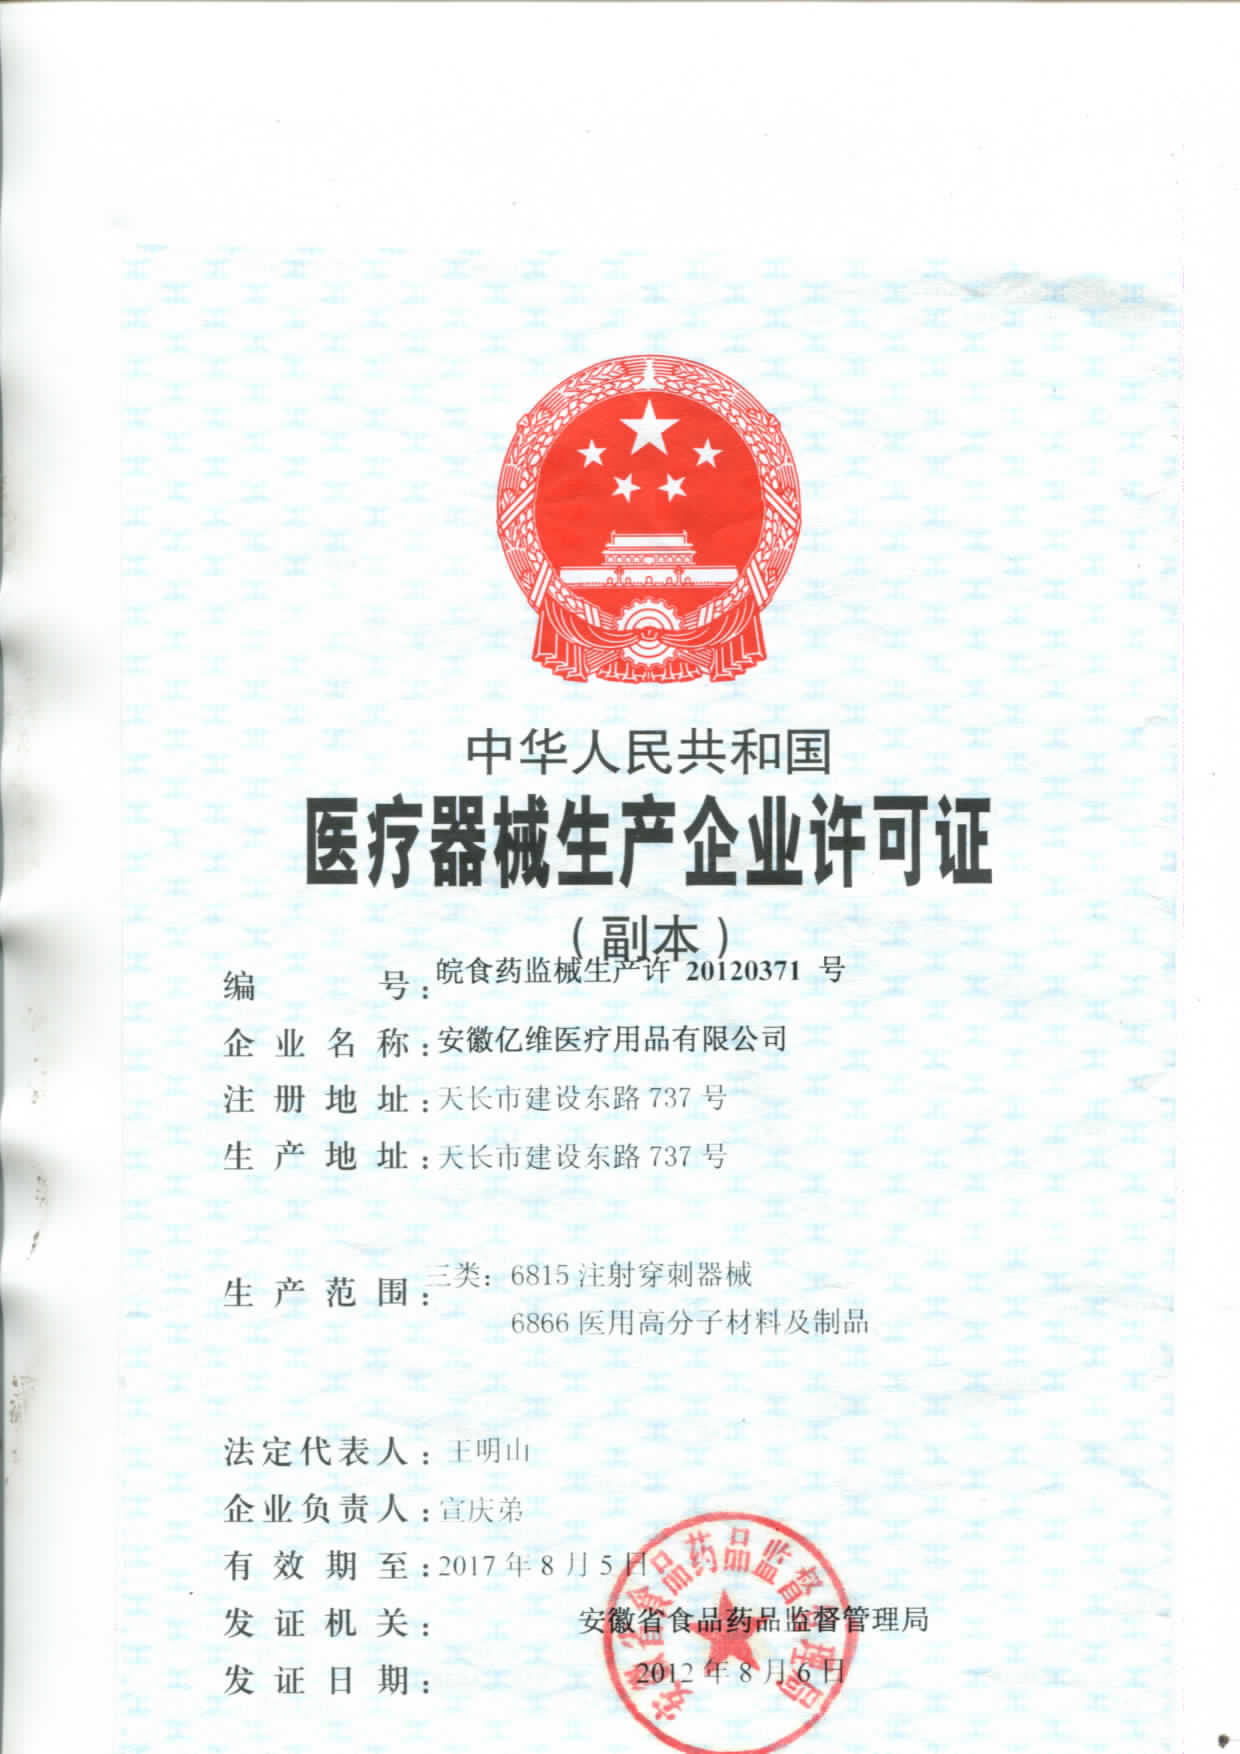 CFDA License - WAN20120371